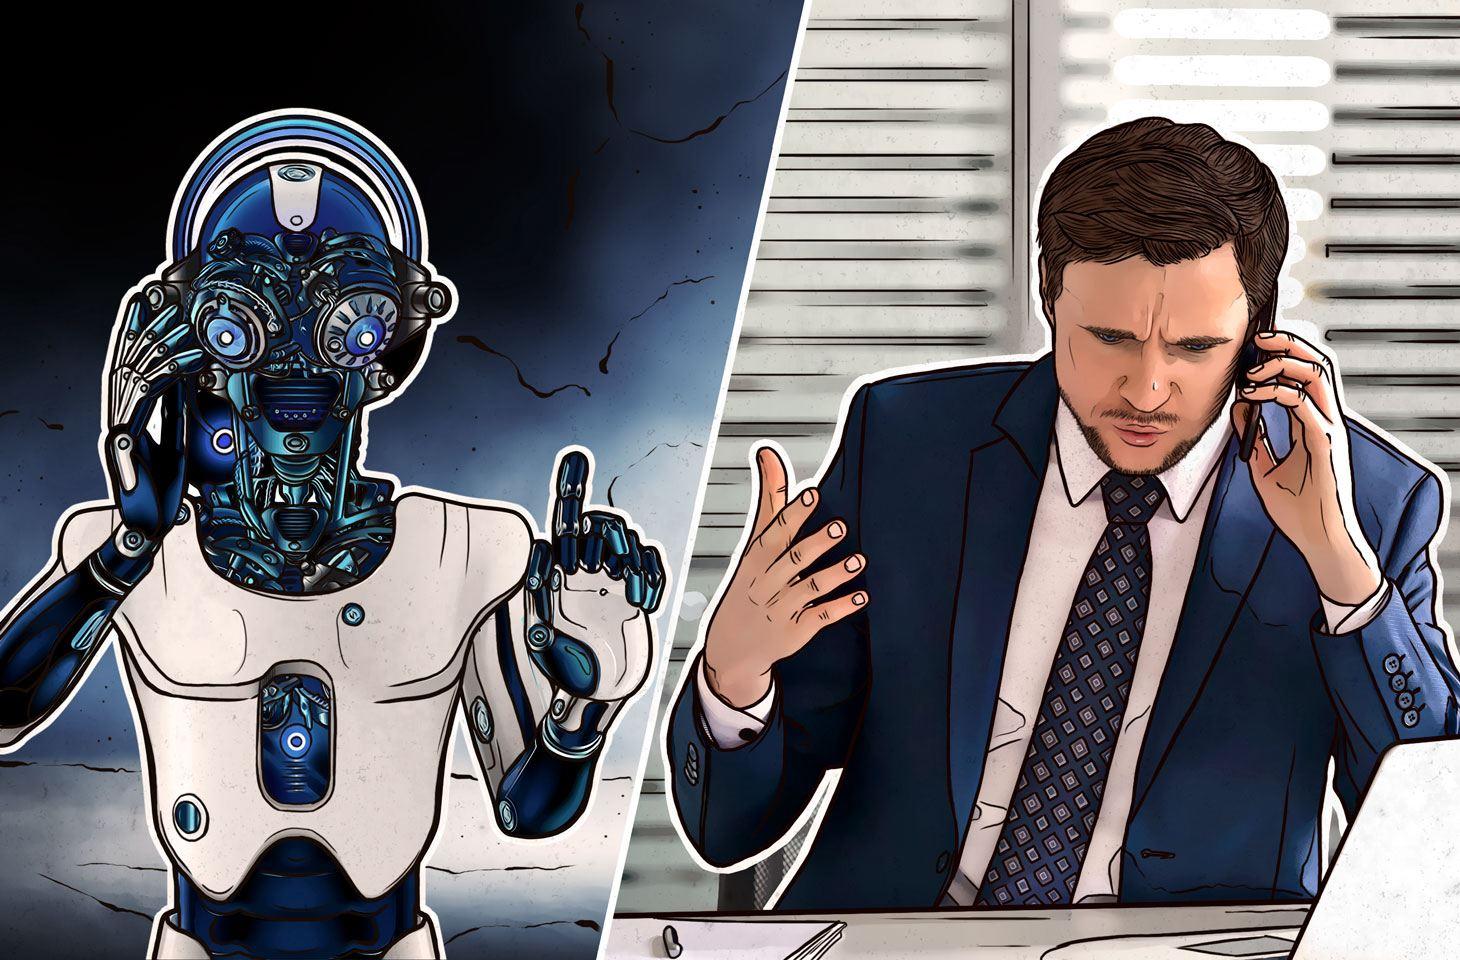 Los fraudes con aprendizaje automático